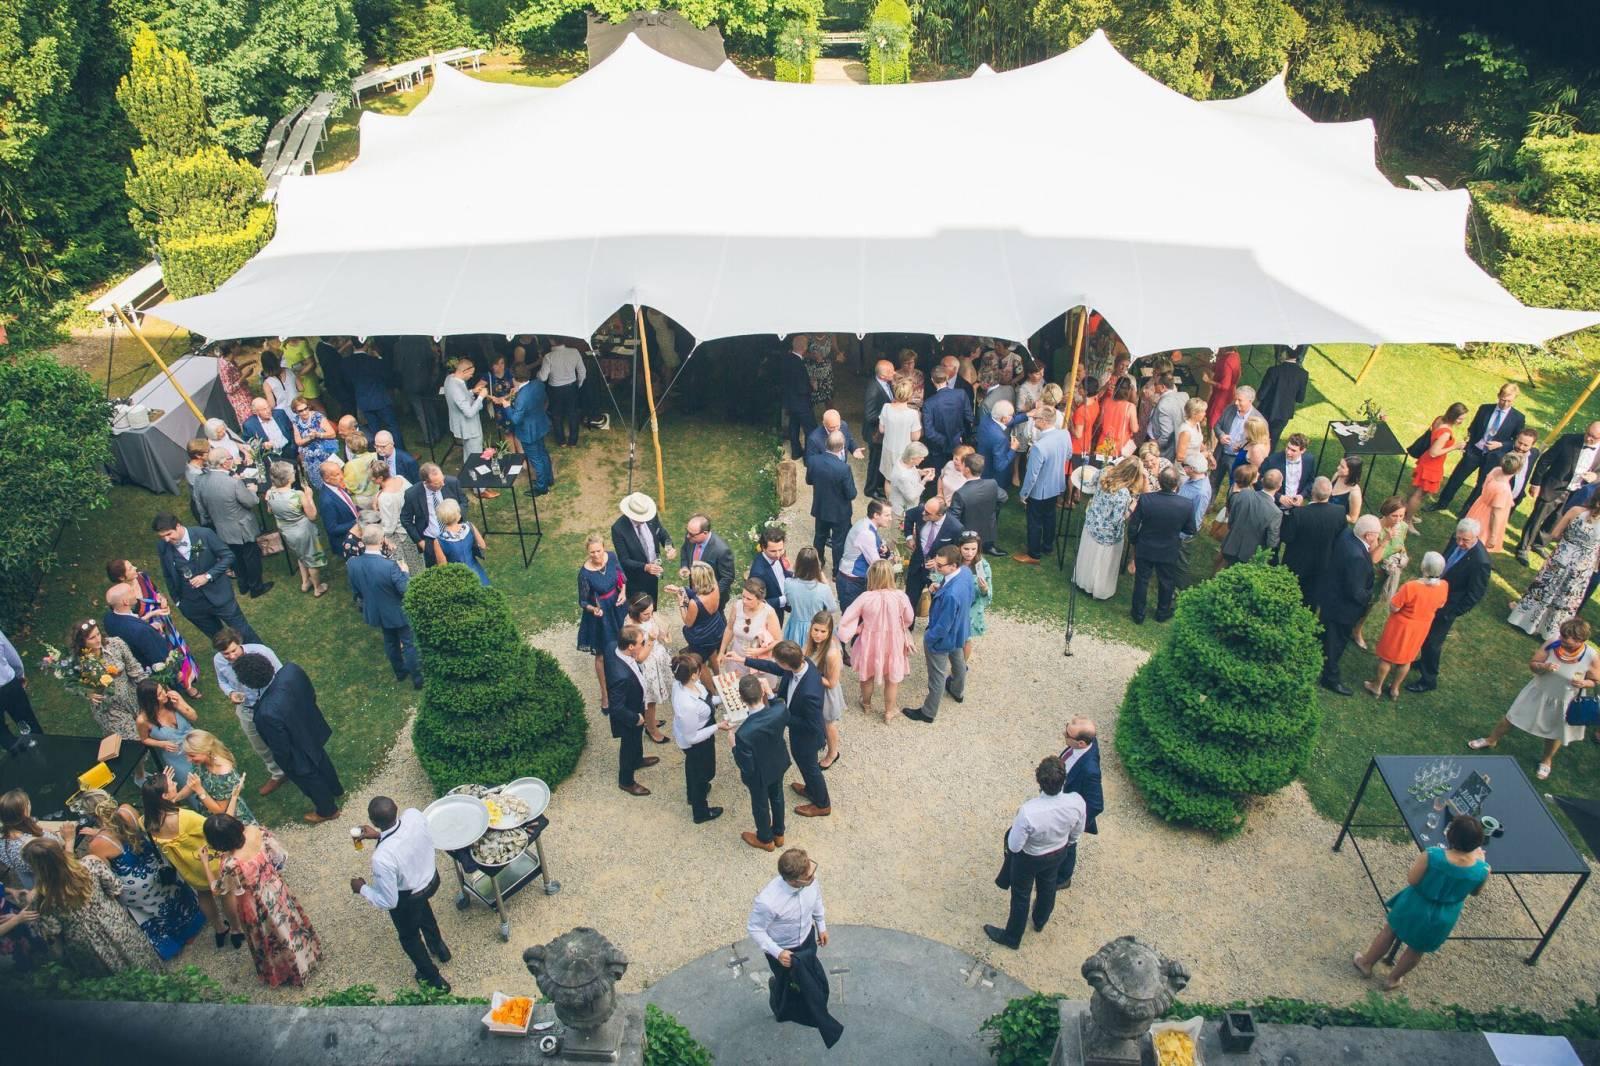 Altiro Tenten - Wedding Tent - Feesttent - Huwelijk trouw bruiloft - House of Weddings - 2